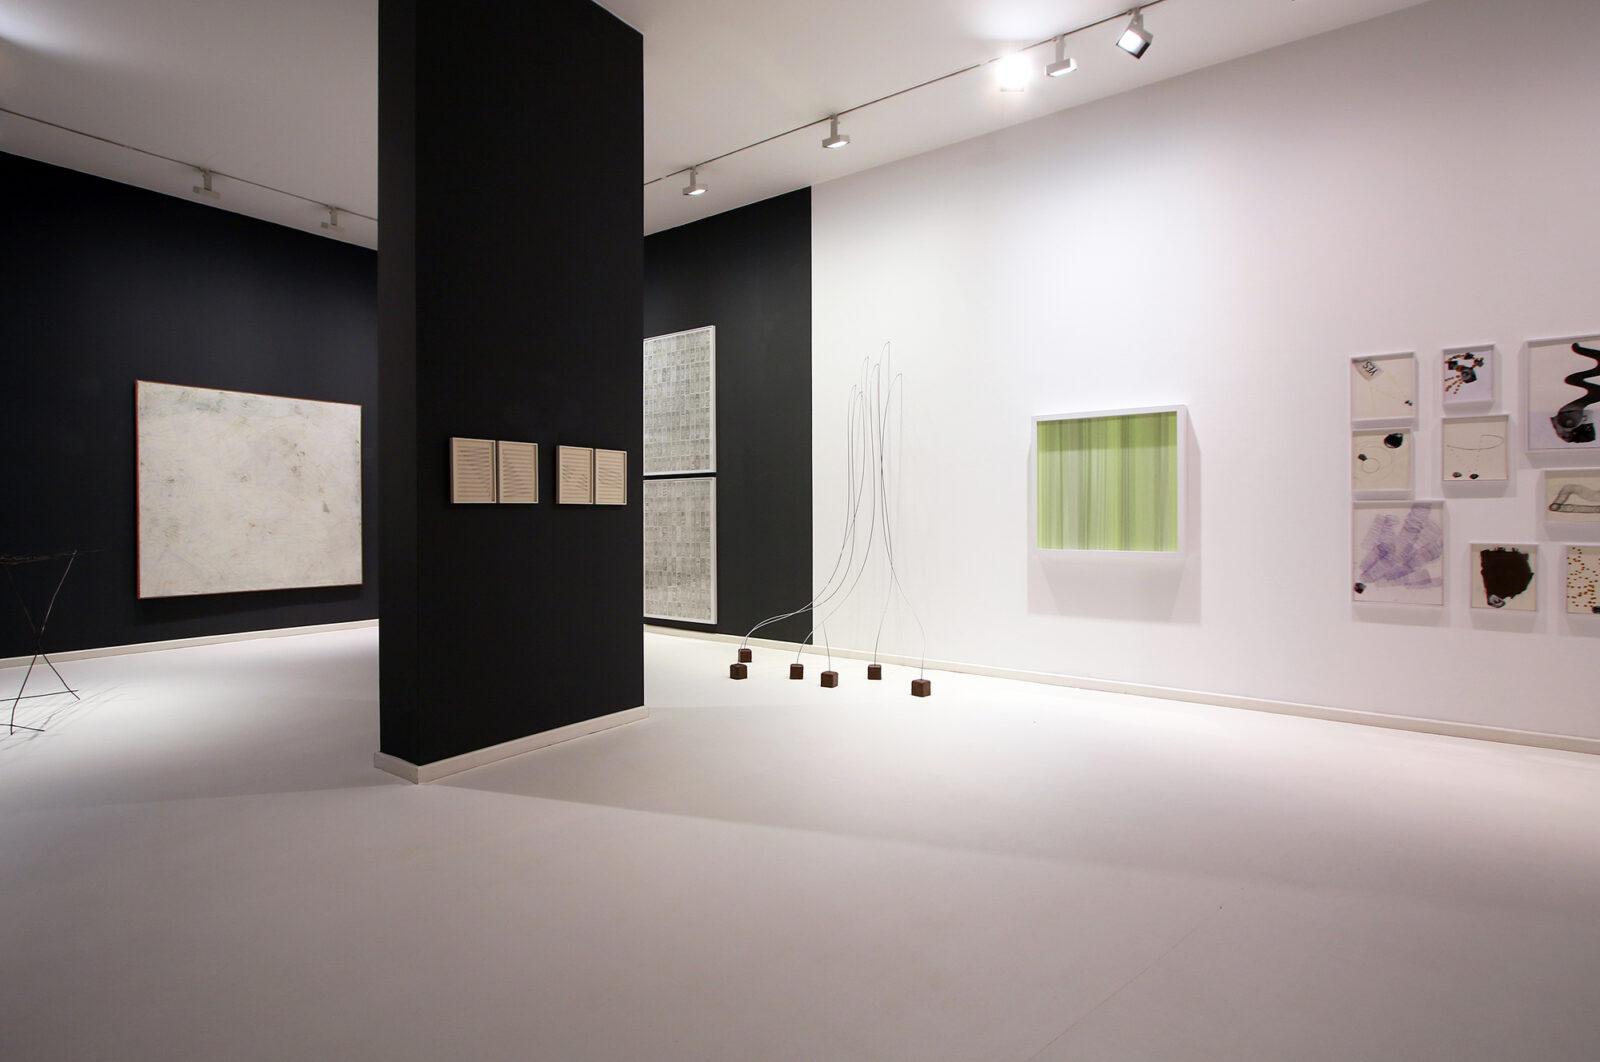 Galerie_Nothelfer_8